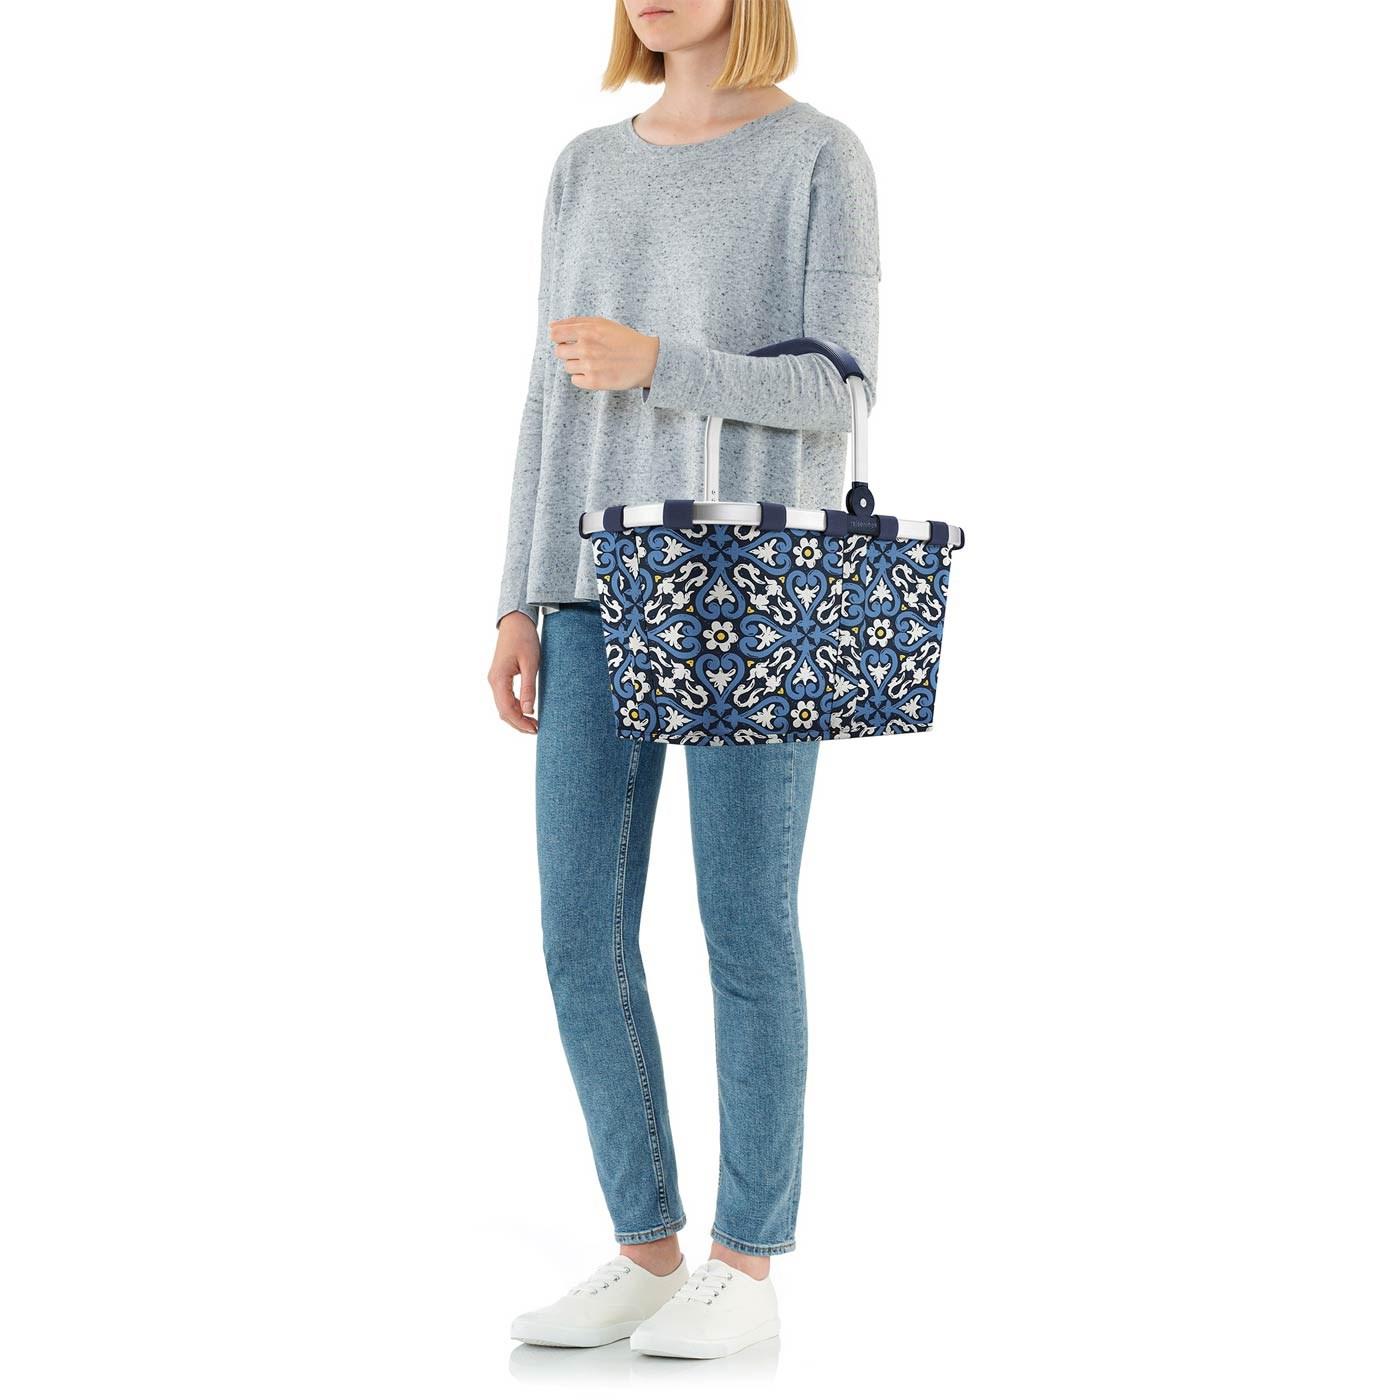 Nákupní košík Carrybag floral 1_4